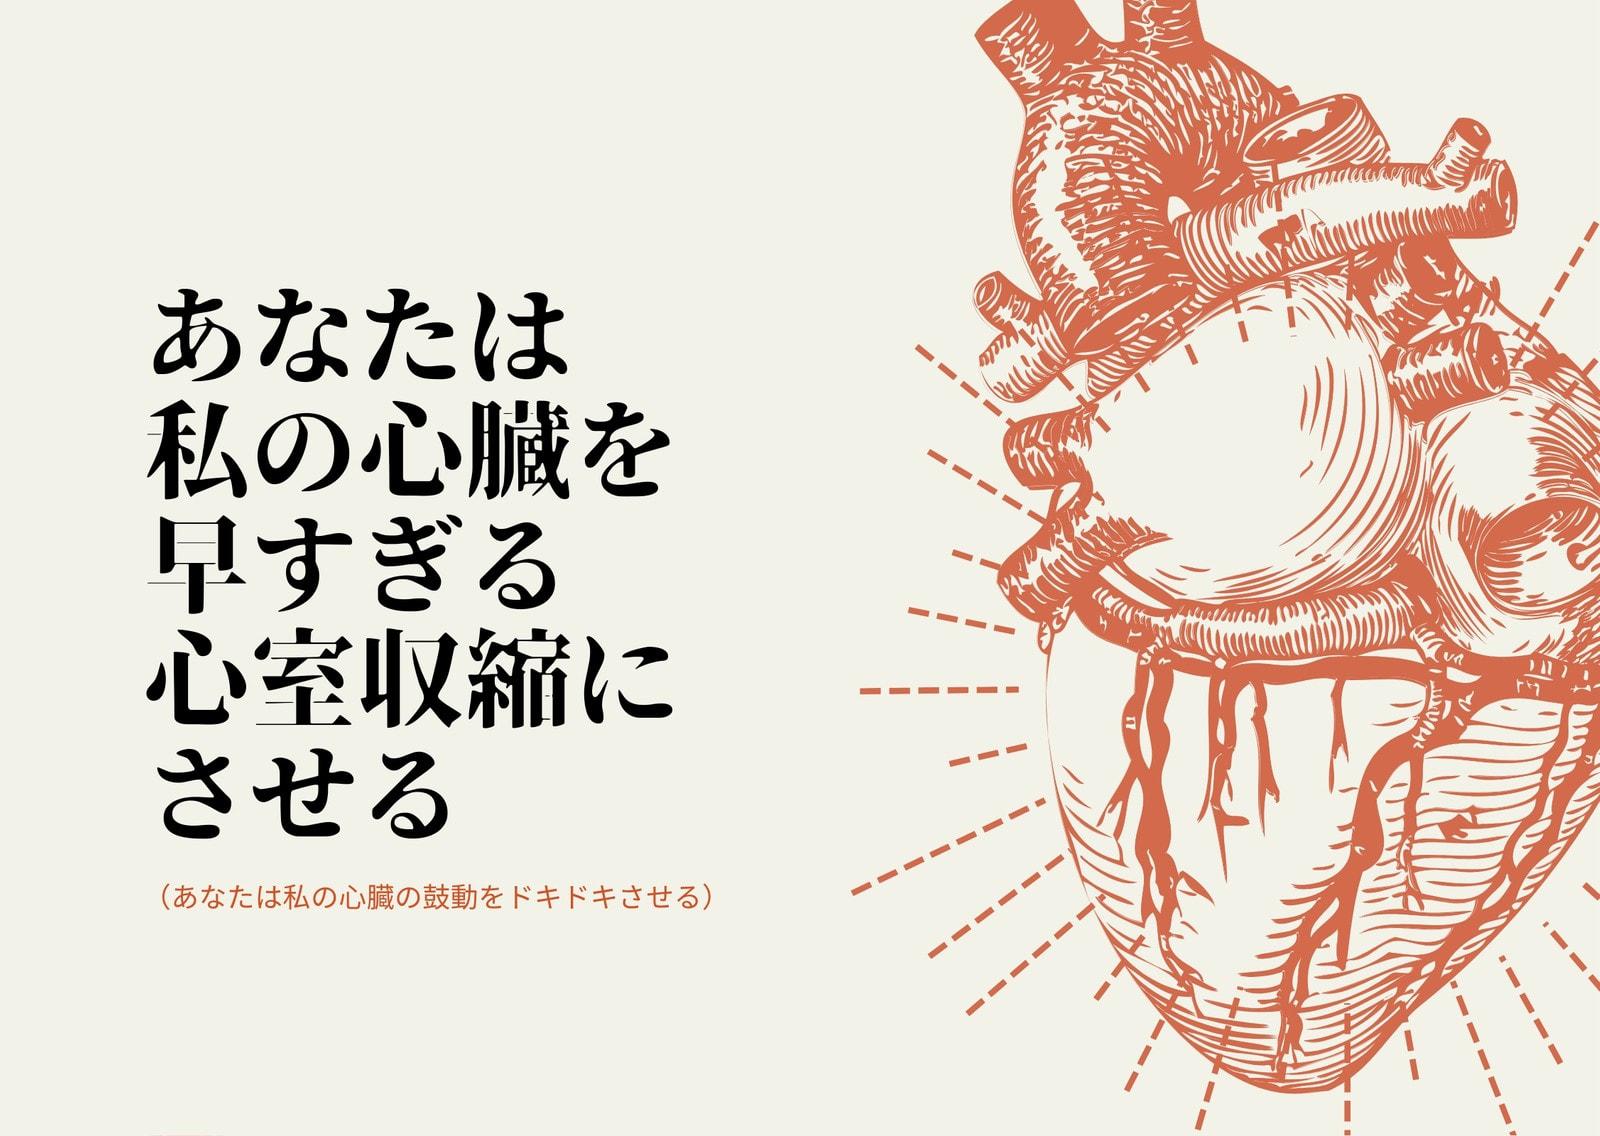 心臓のイラスト 医療 冗談っぽい面白いポストカード